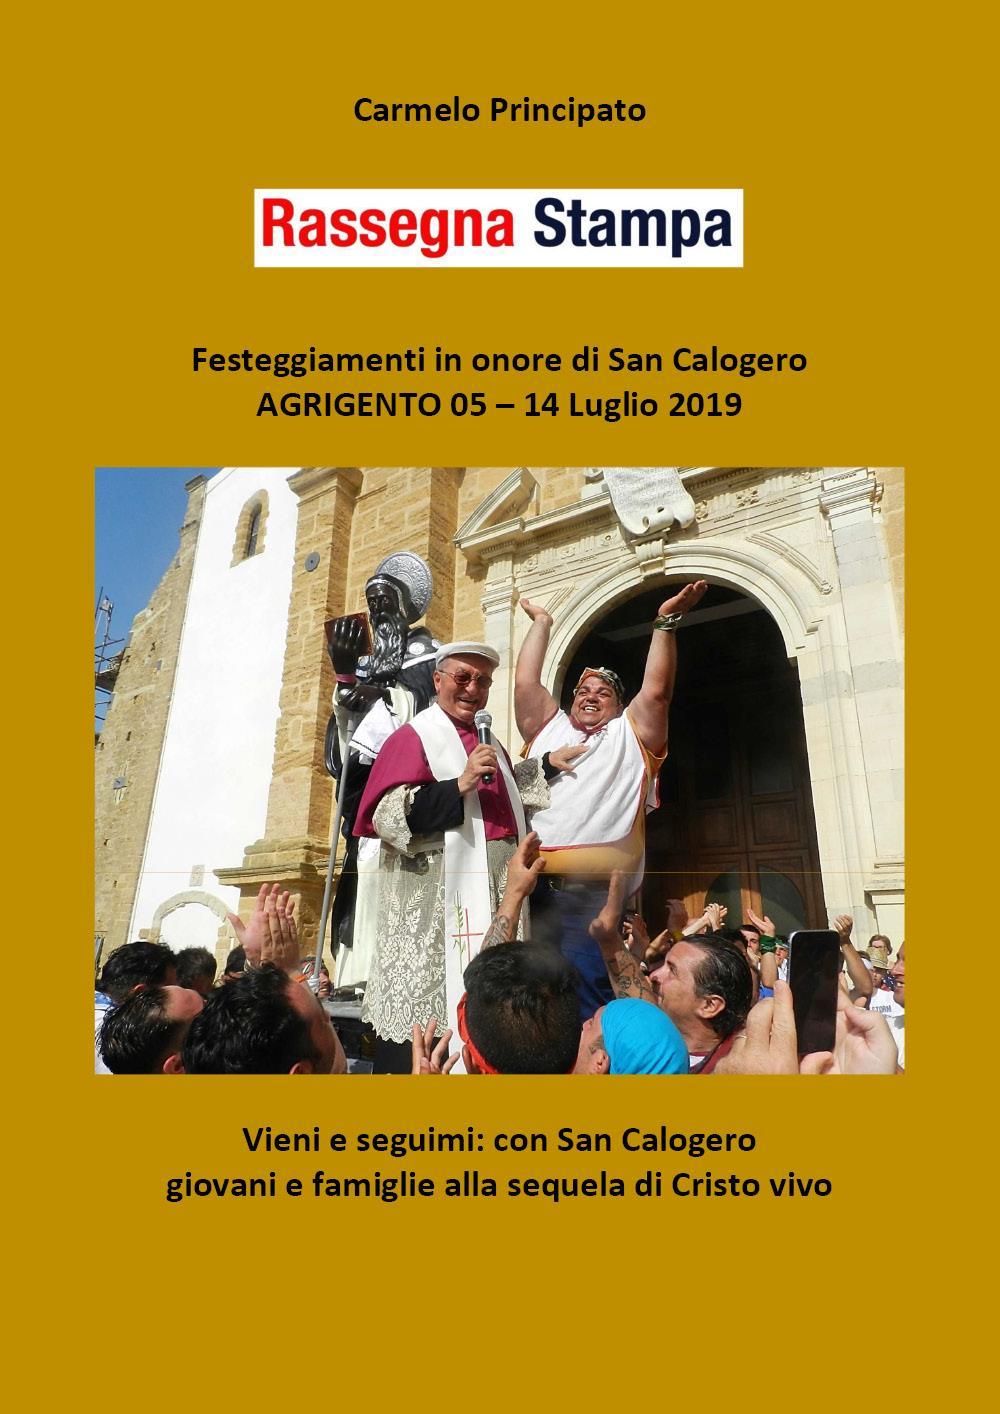 Rassegna Stampa - Festeggiamenti in onore di San Calogero - Agrigento 05 - 14 Luglio 2019